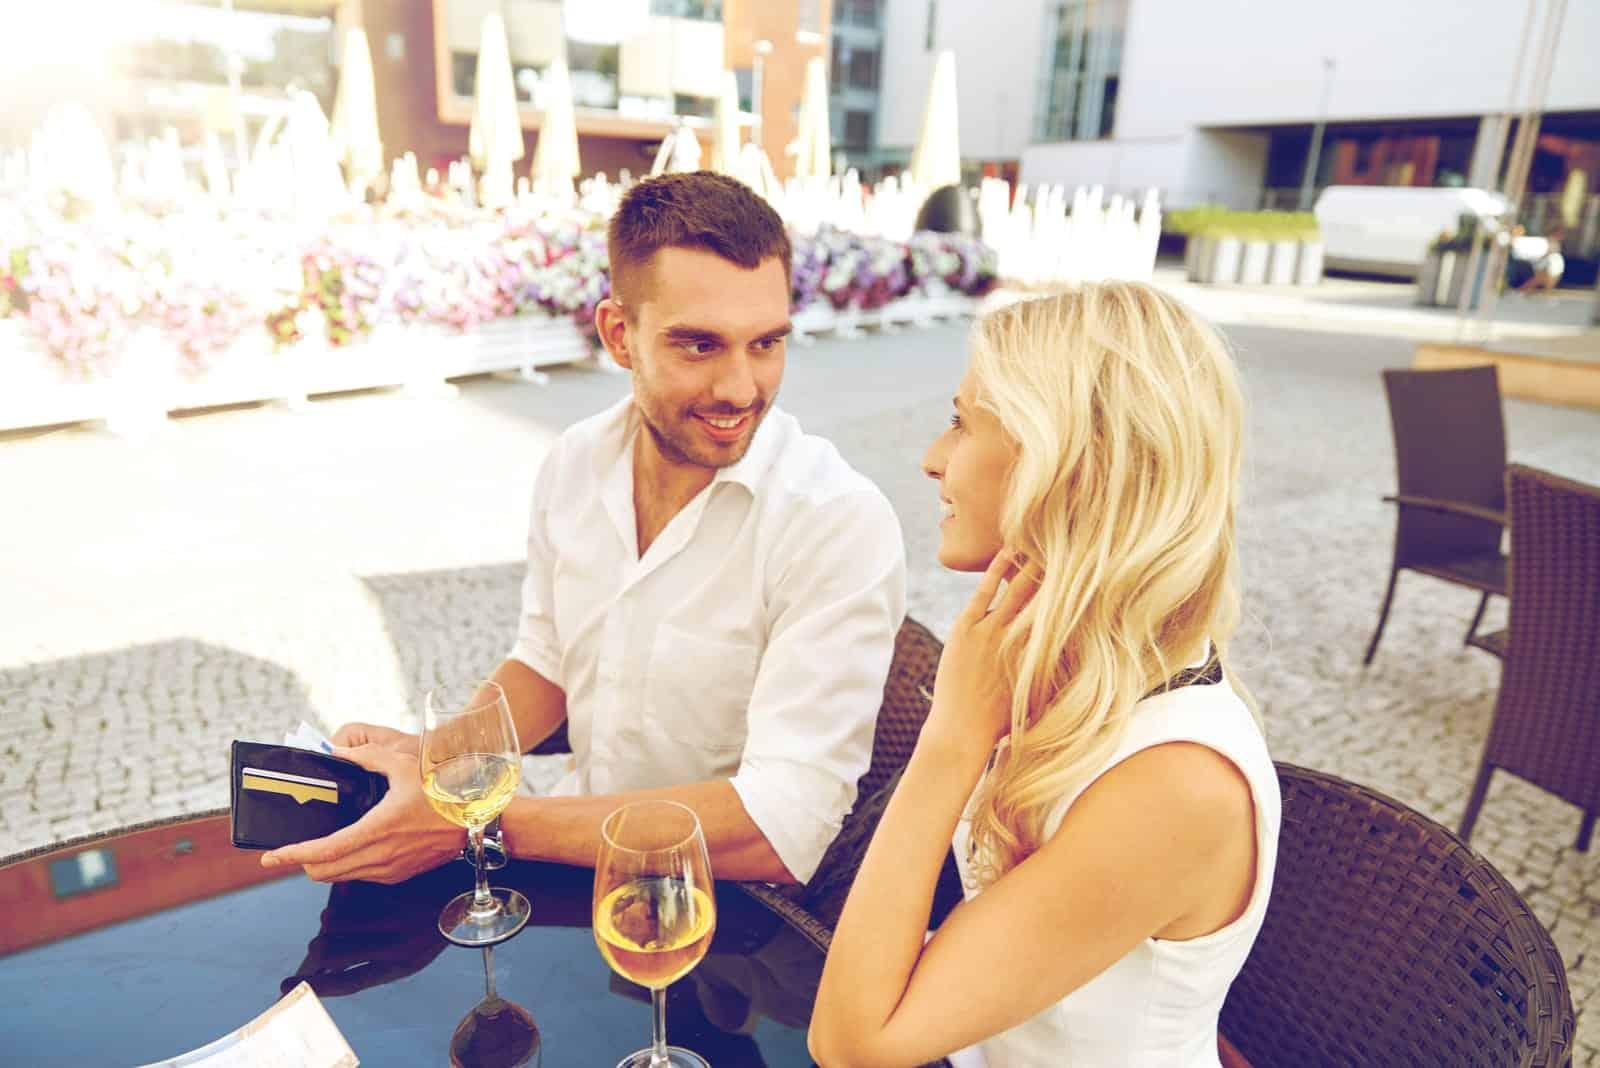 Glückliches Paar mit Brieftasche und Weingläsern, das die Rechnung im Restaurant bezahlt